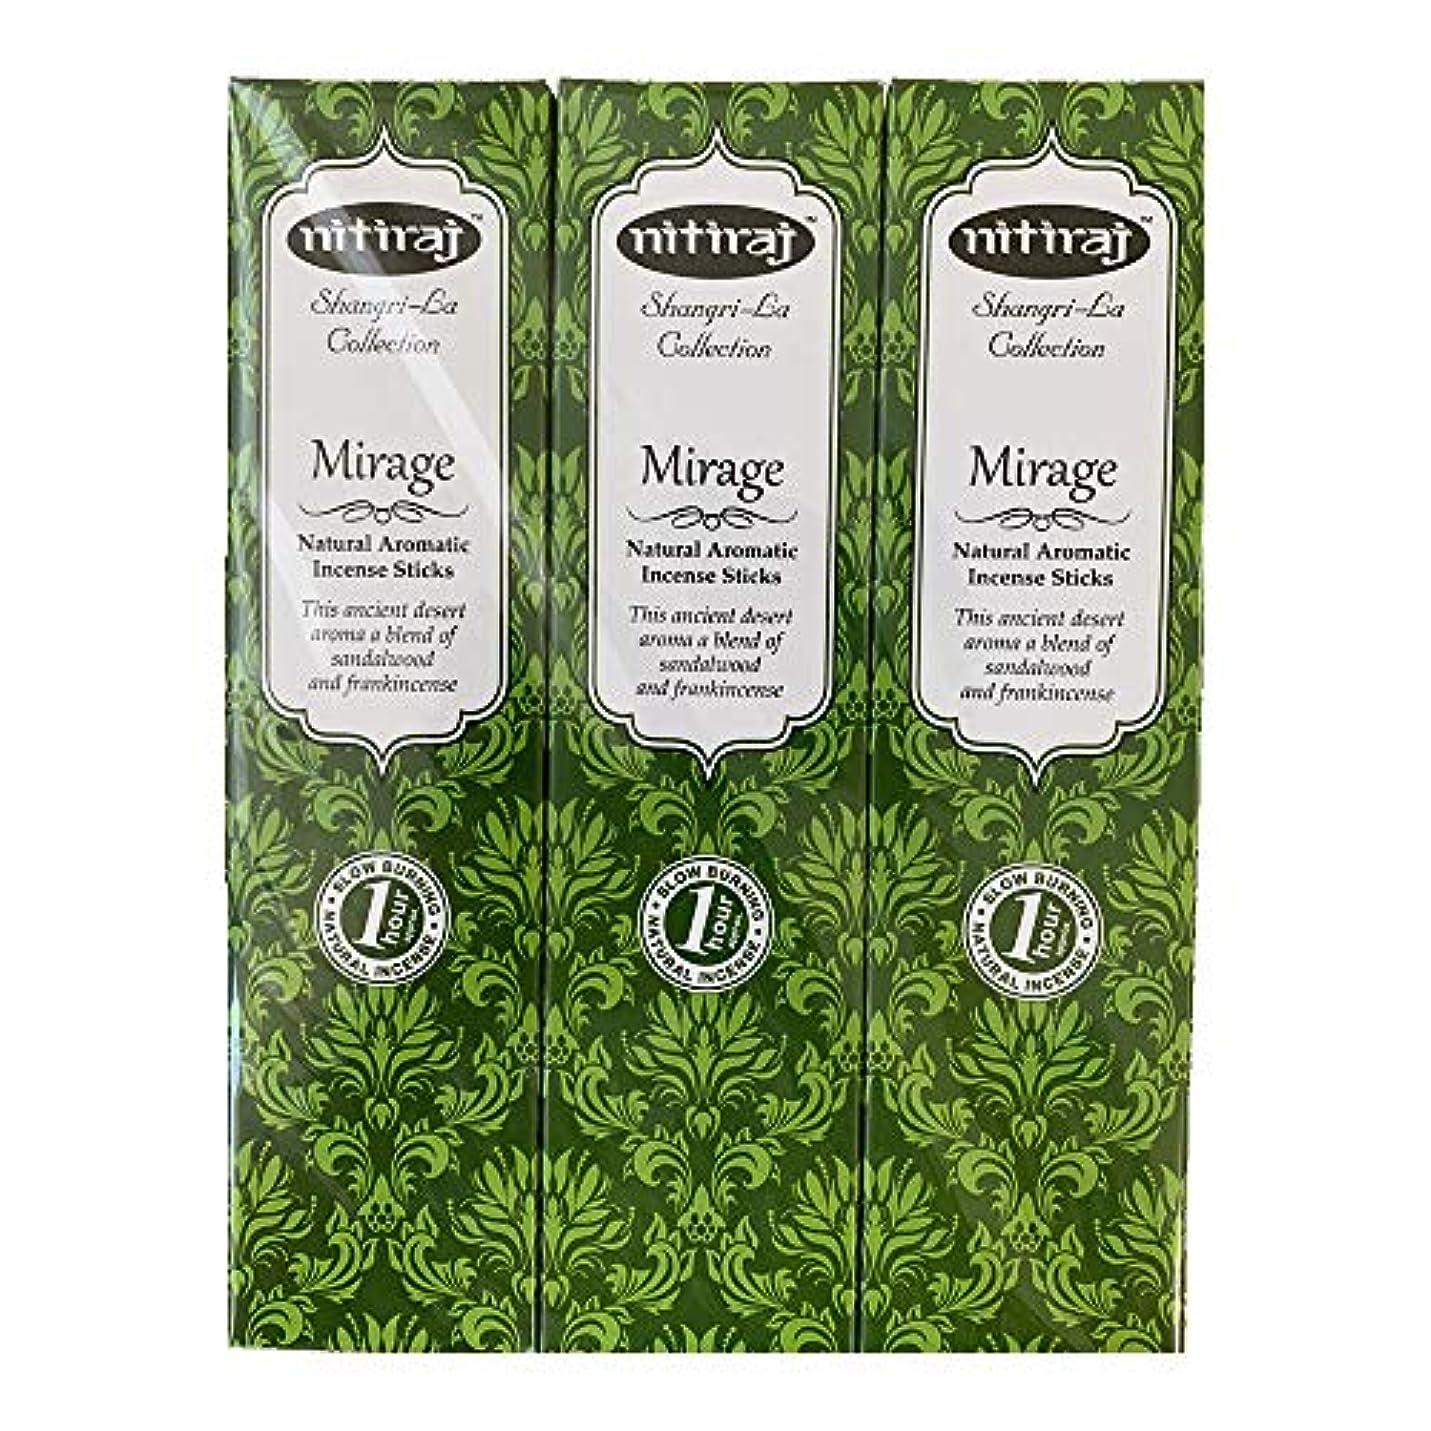 ダルセット講義ストレッチお香 アロマインセンス Nitiraj(ニティラジ)Mirage(蜃気楼) 3箱セット(30本/1箱10本入り)100%天然素材